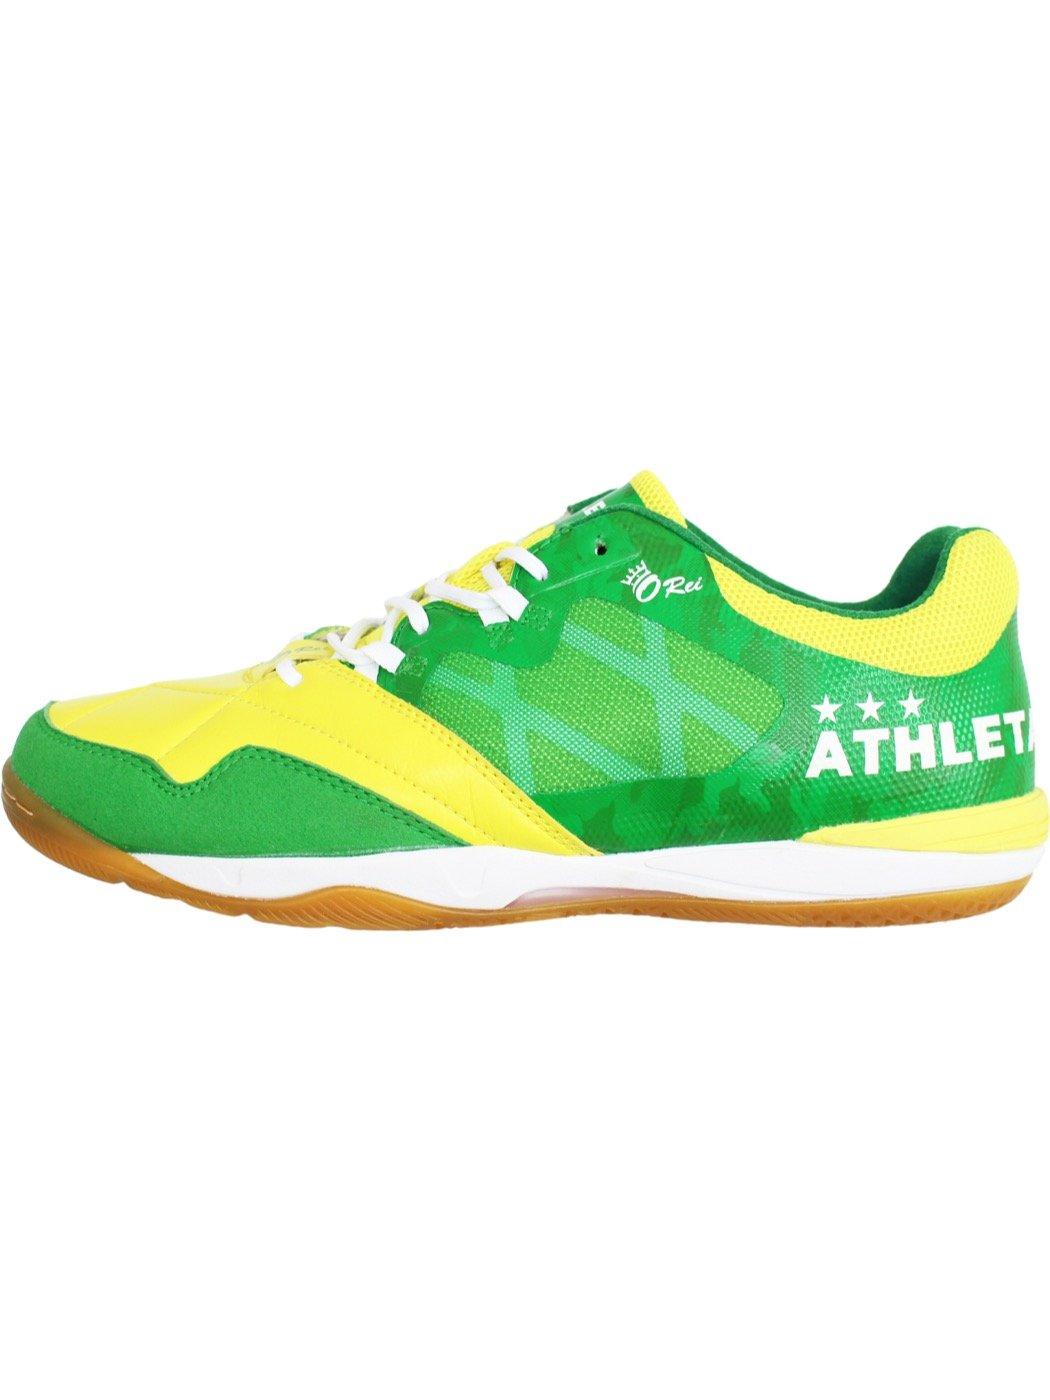 ATHLETA(アスレタ) O-Rei Futsal Falcao 11008-FYKG B079WLB5D9Fイエロー/Kグリーン 29